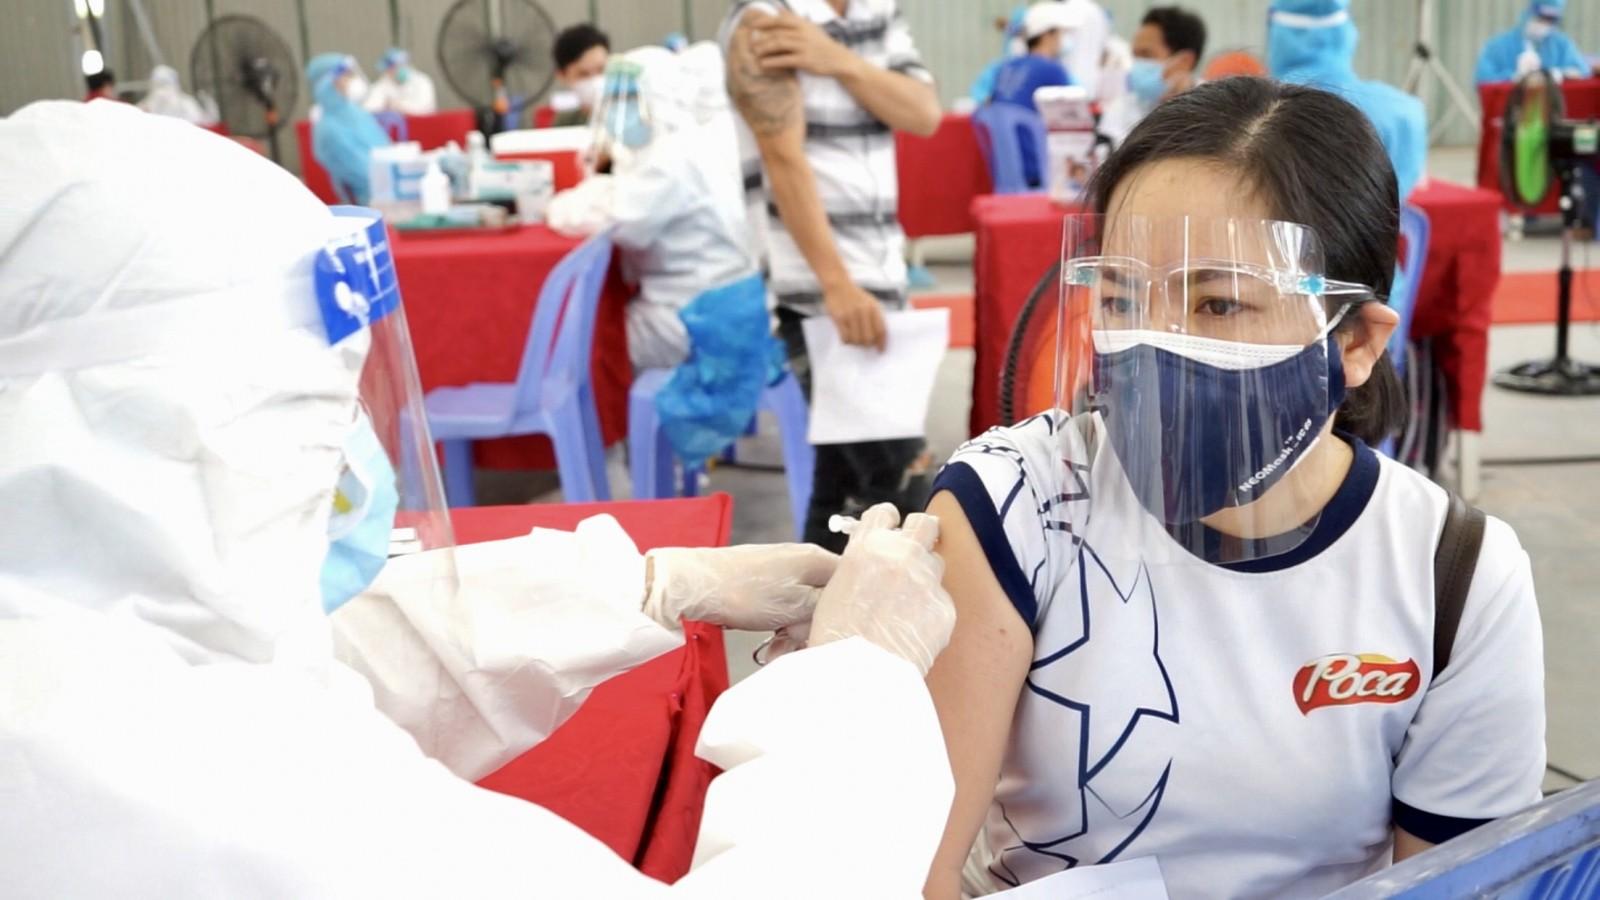 Bình Dương: Mỗi công nhân ít nhất được tiêm một mũi vaccine COVID-19